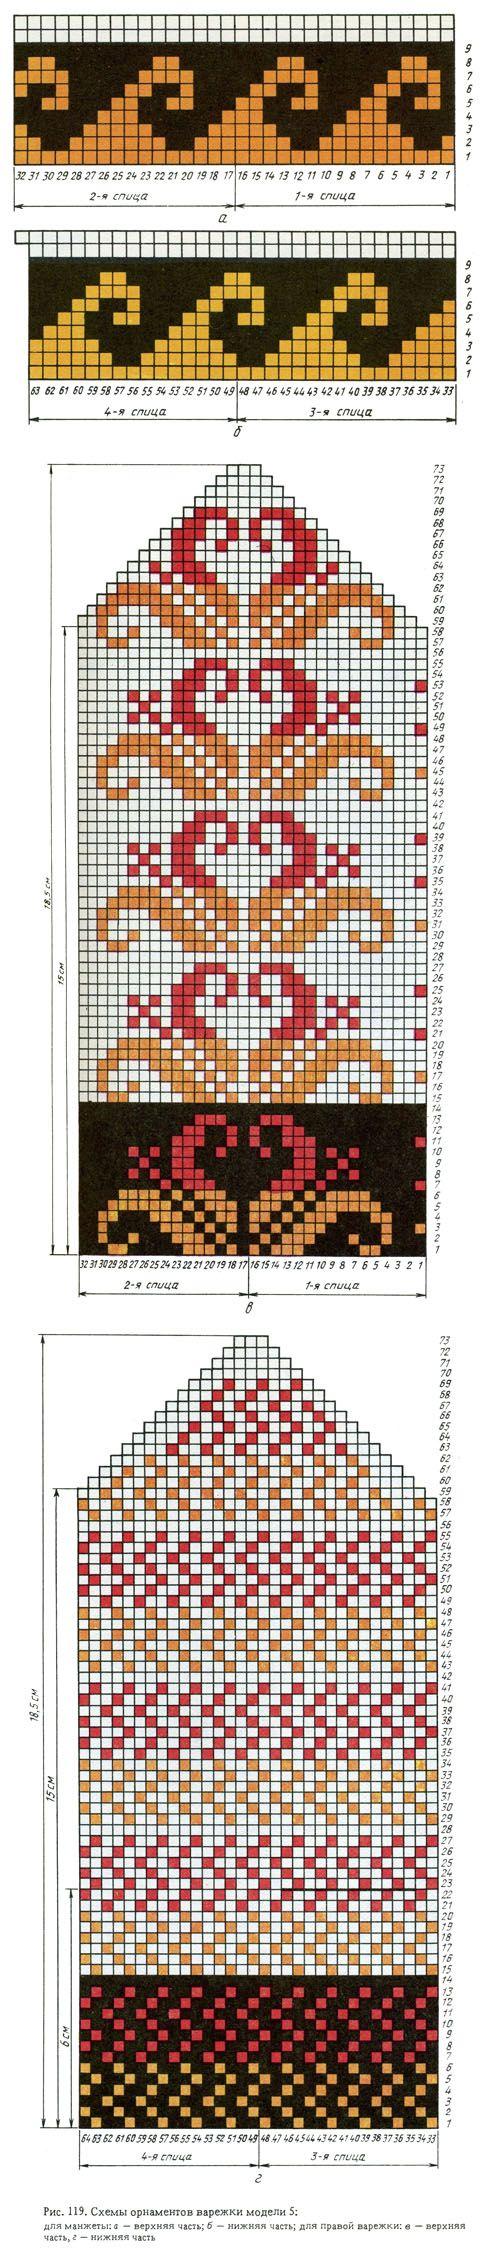 Modeller av produkter med ornamenter / votten med frynser (modell 5) / Del 2